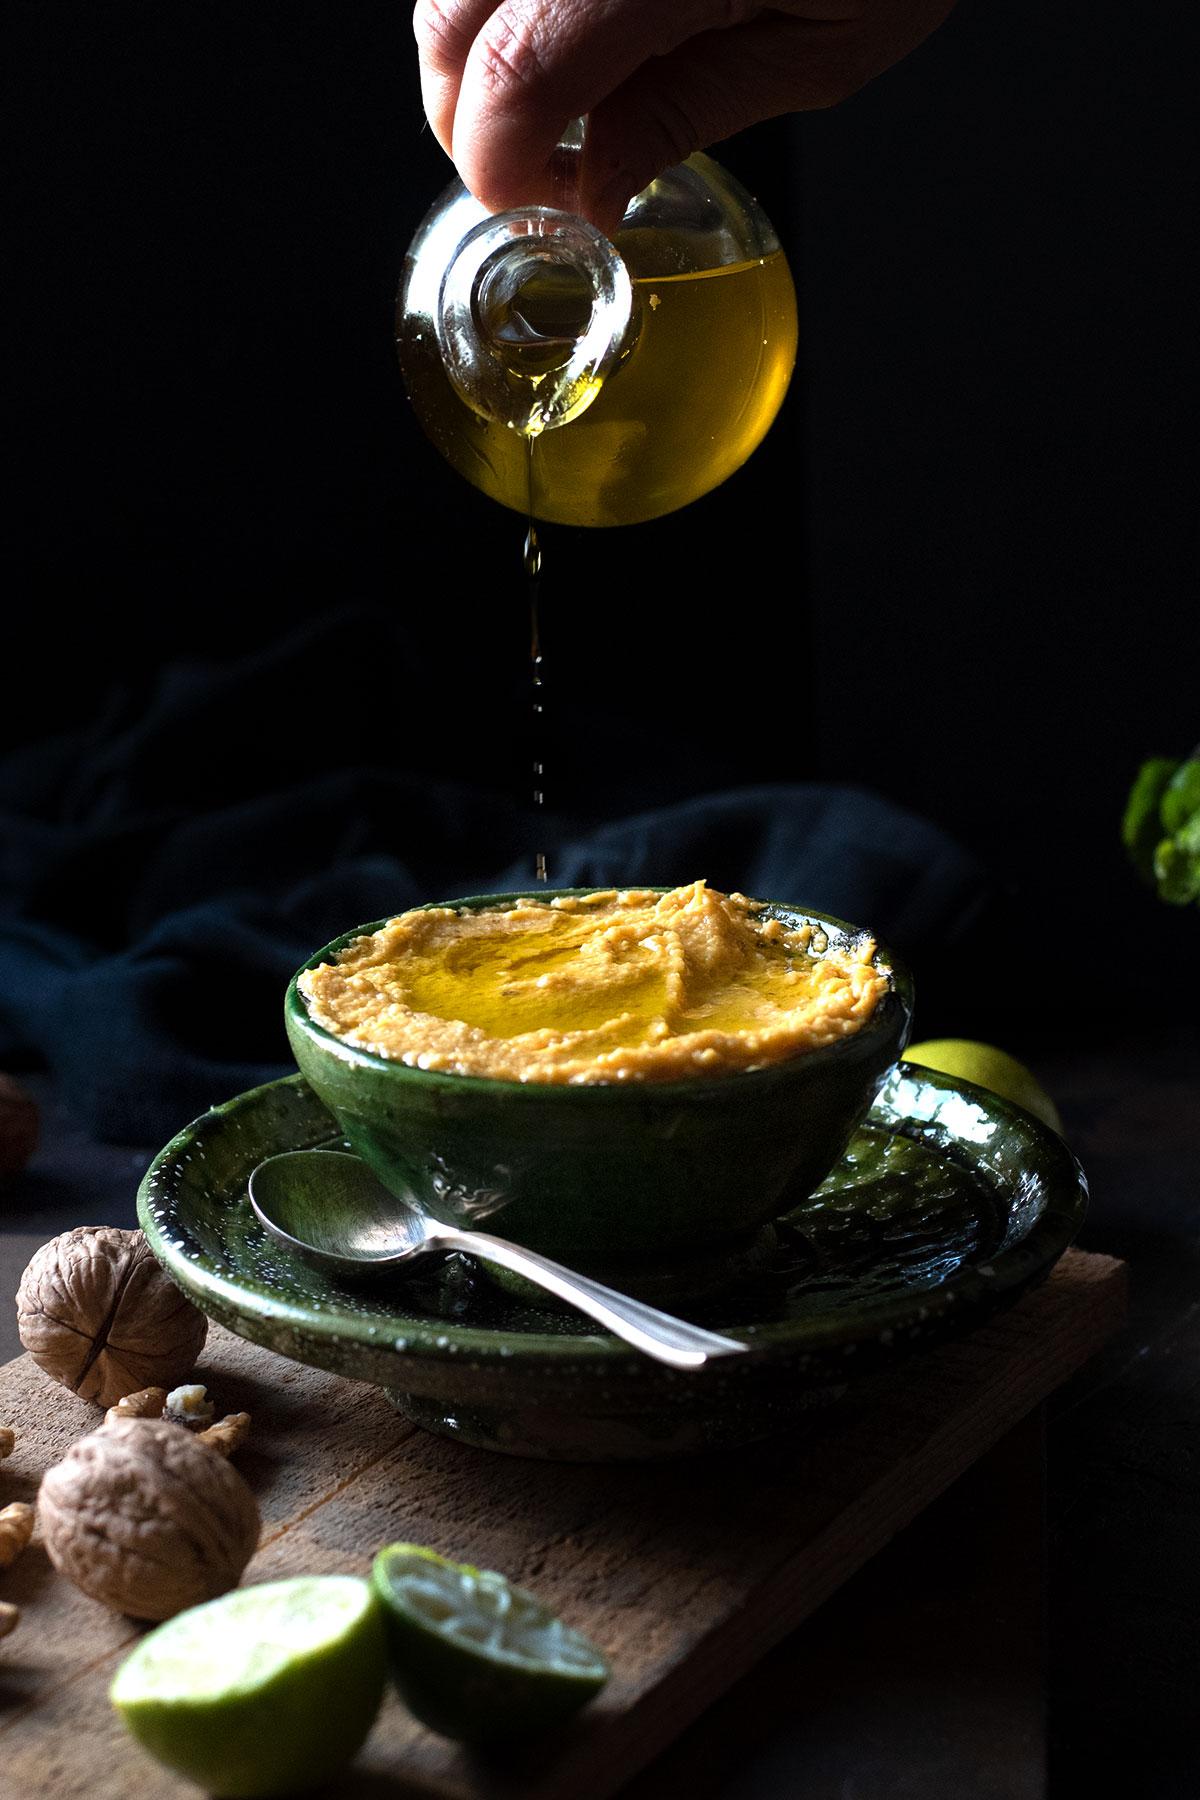 σπαγγέτι με πέστο κίτρινης κολοκύθας και μπέικον